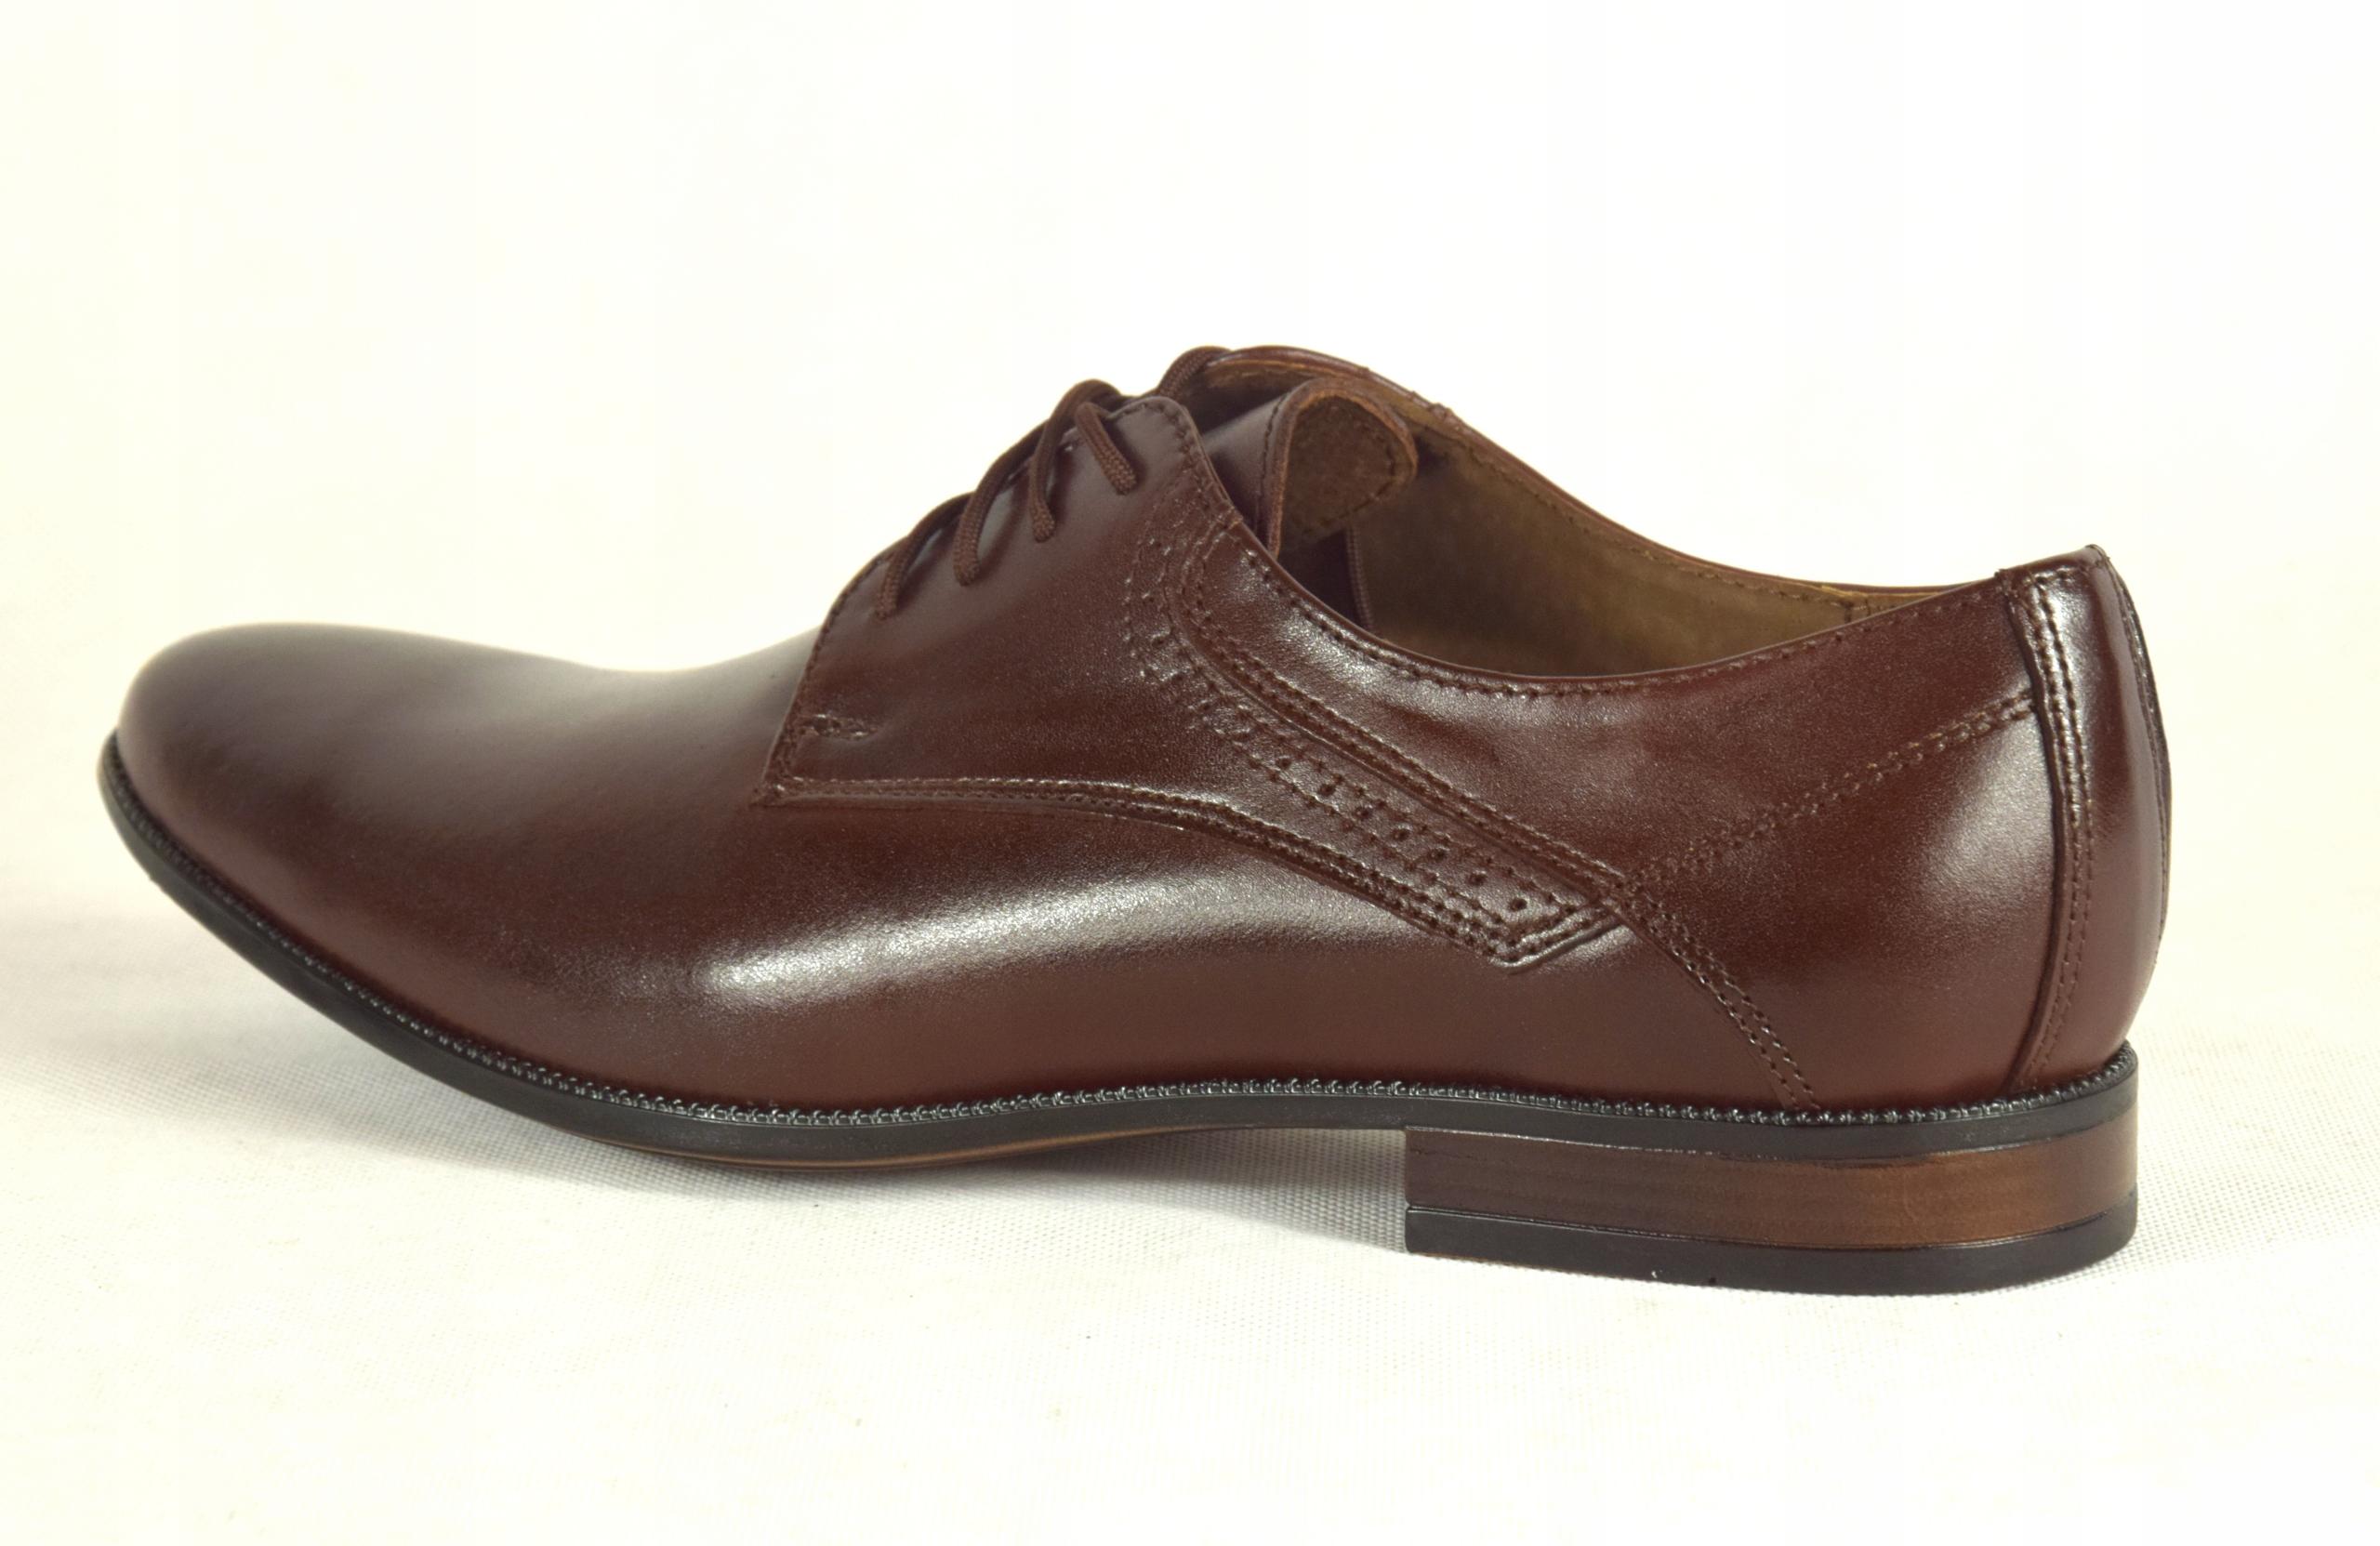 Buty męskie wizytowe skórzane brązowe obuwie 11 Rozmiar 45